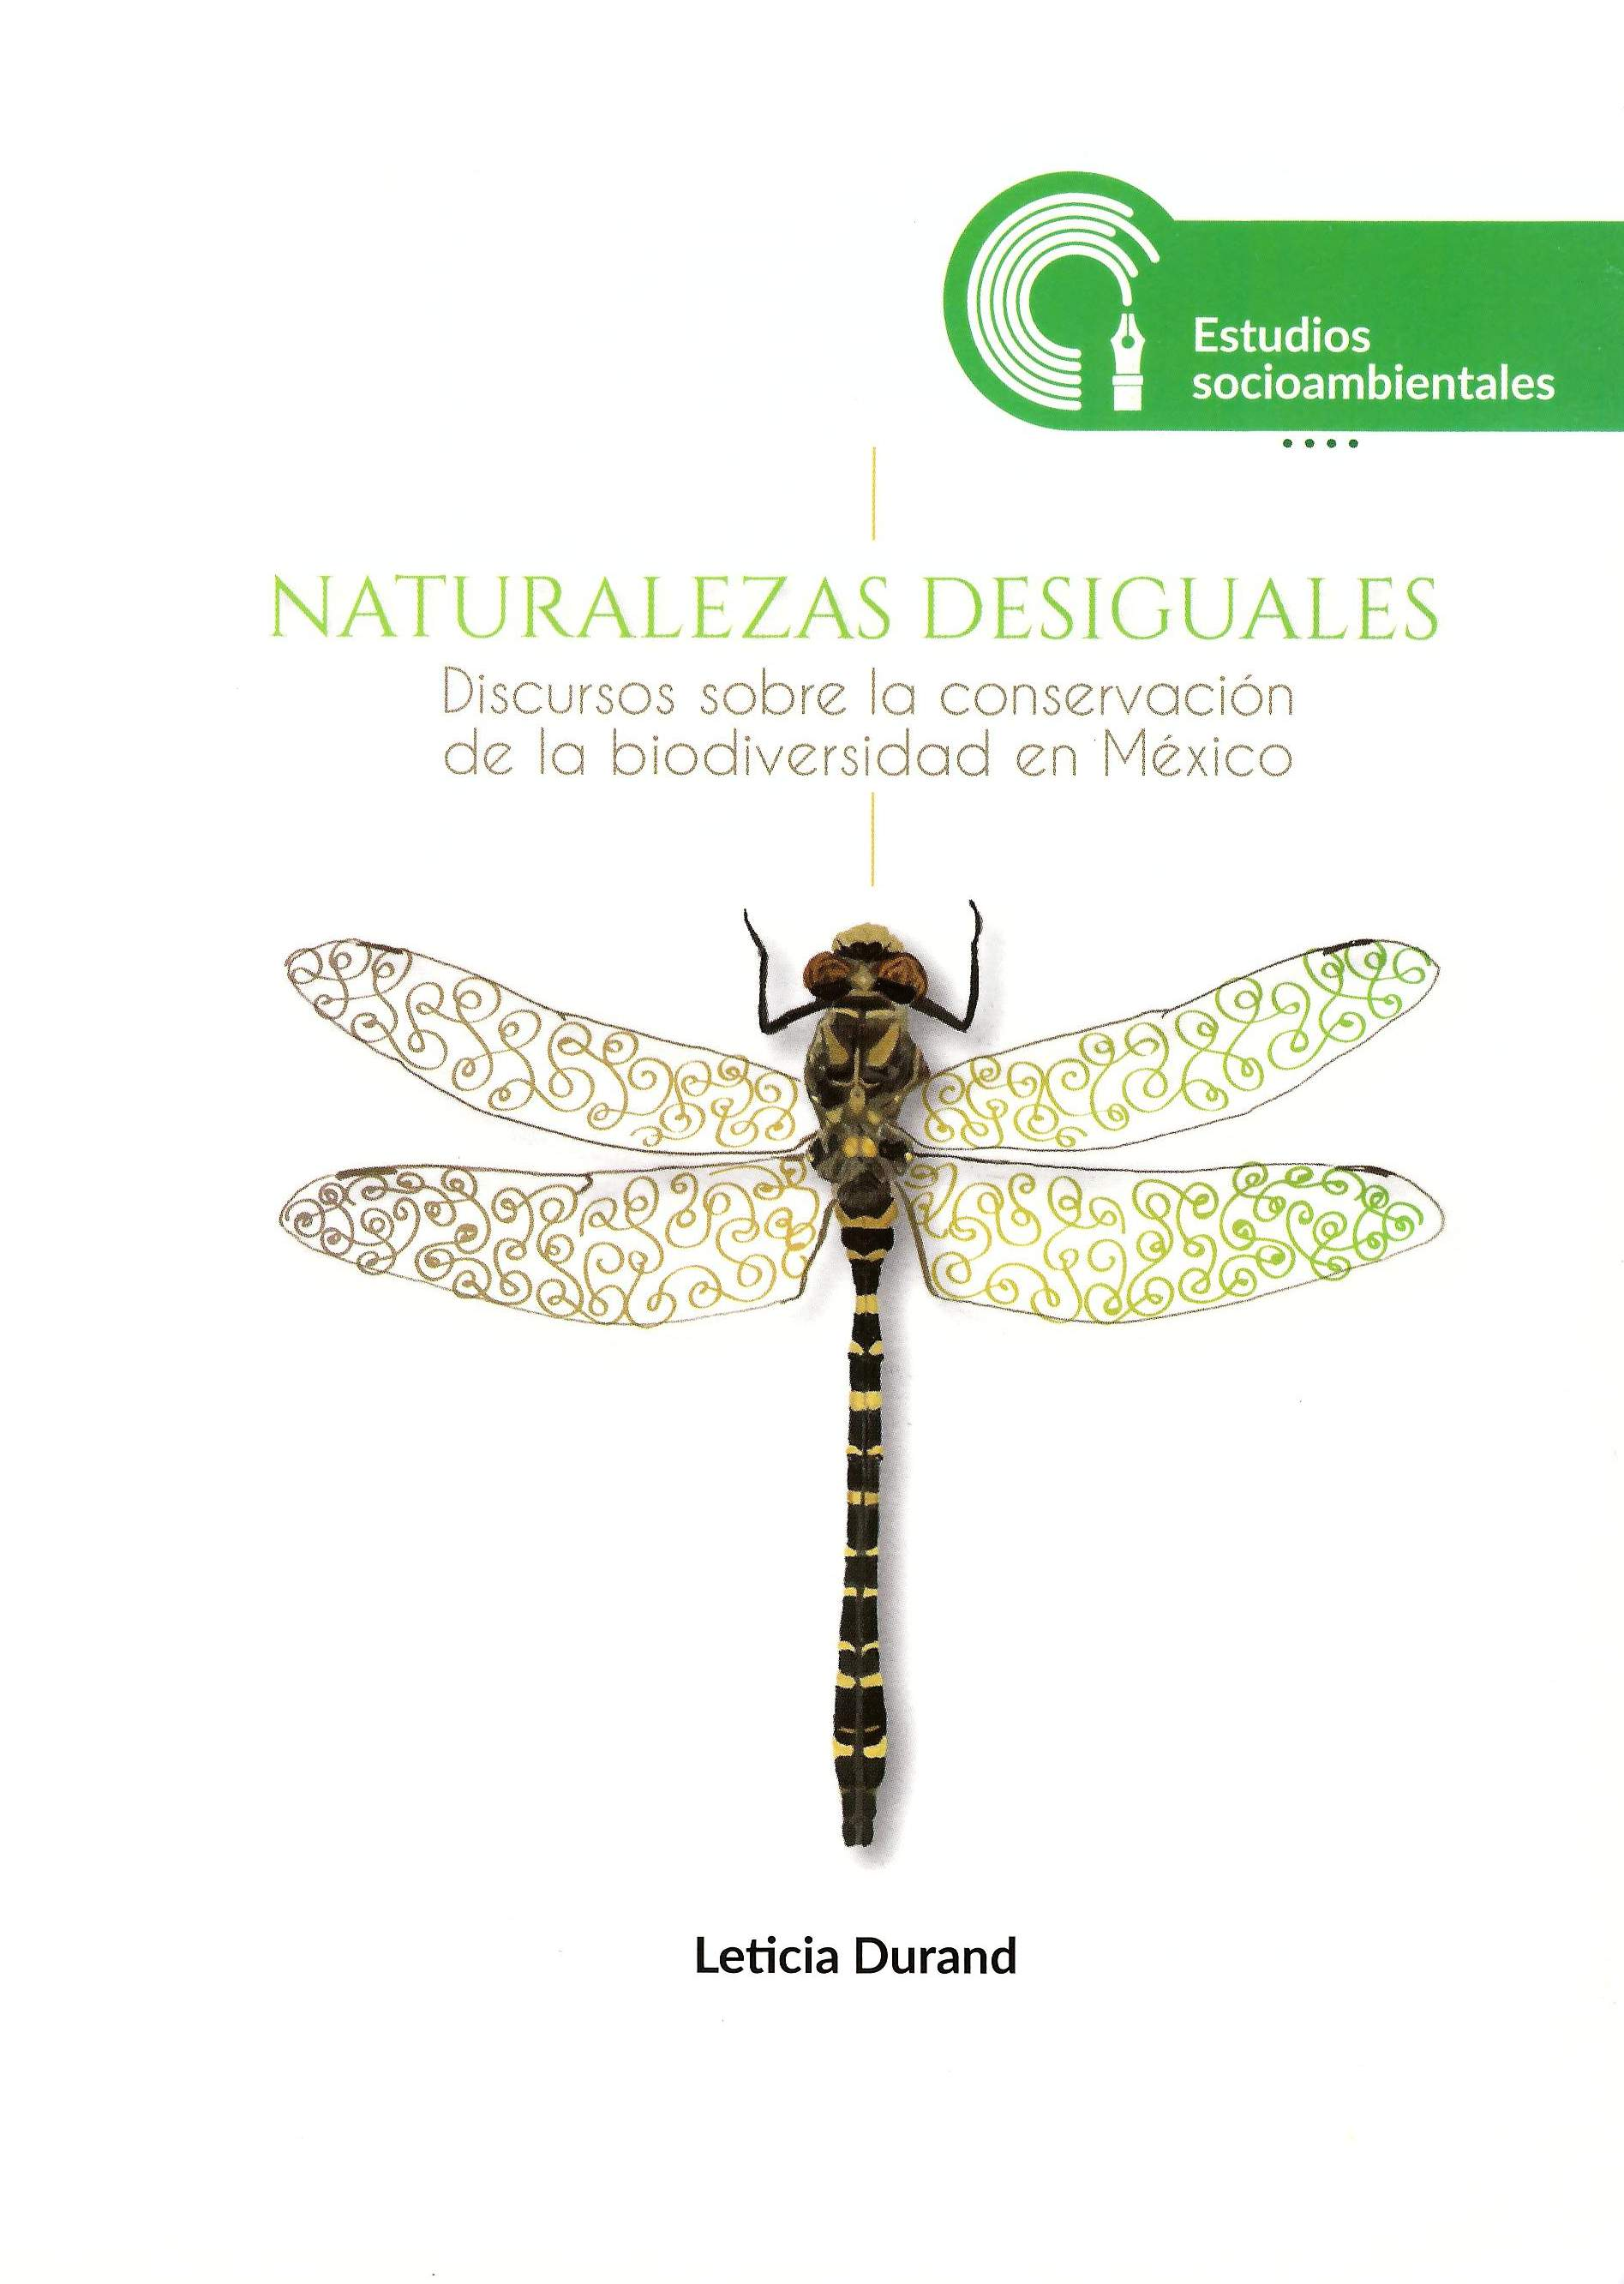 Naturalezas desiguales. Discursos sobre la conservación de la biodiversidad en México